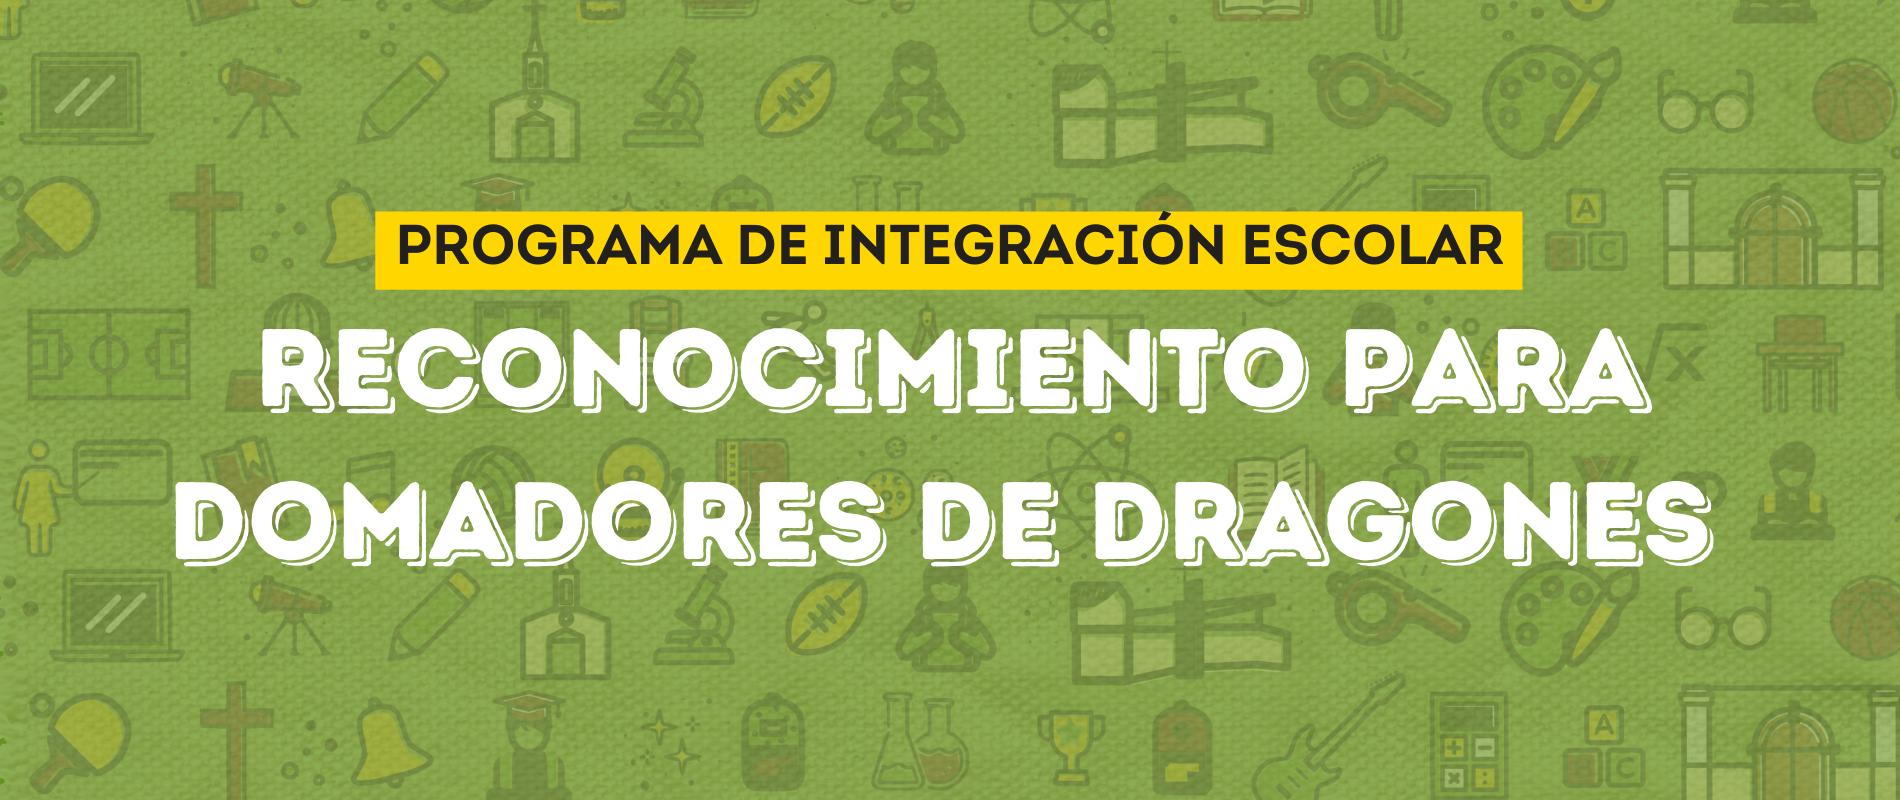 ESTUDIANTES RECIBEN RECONOCIMIENTO AL FINALIZAR PROGRAMA DOMADOR DE DRAGONES